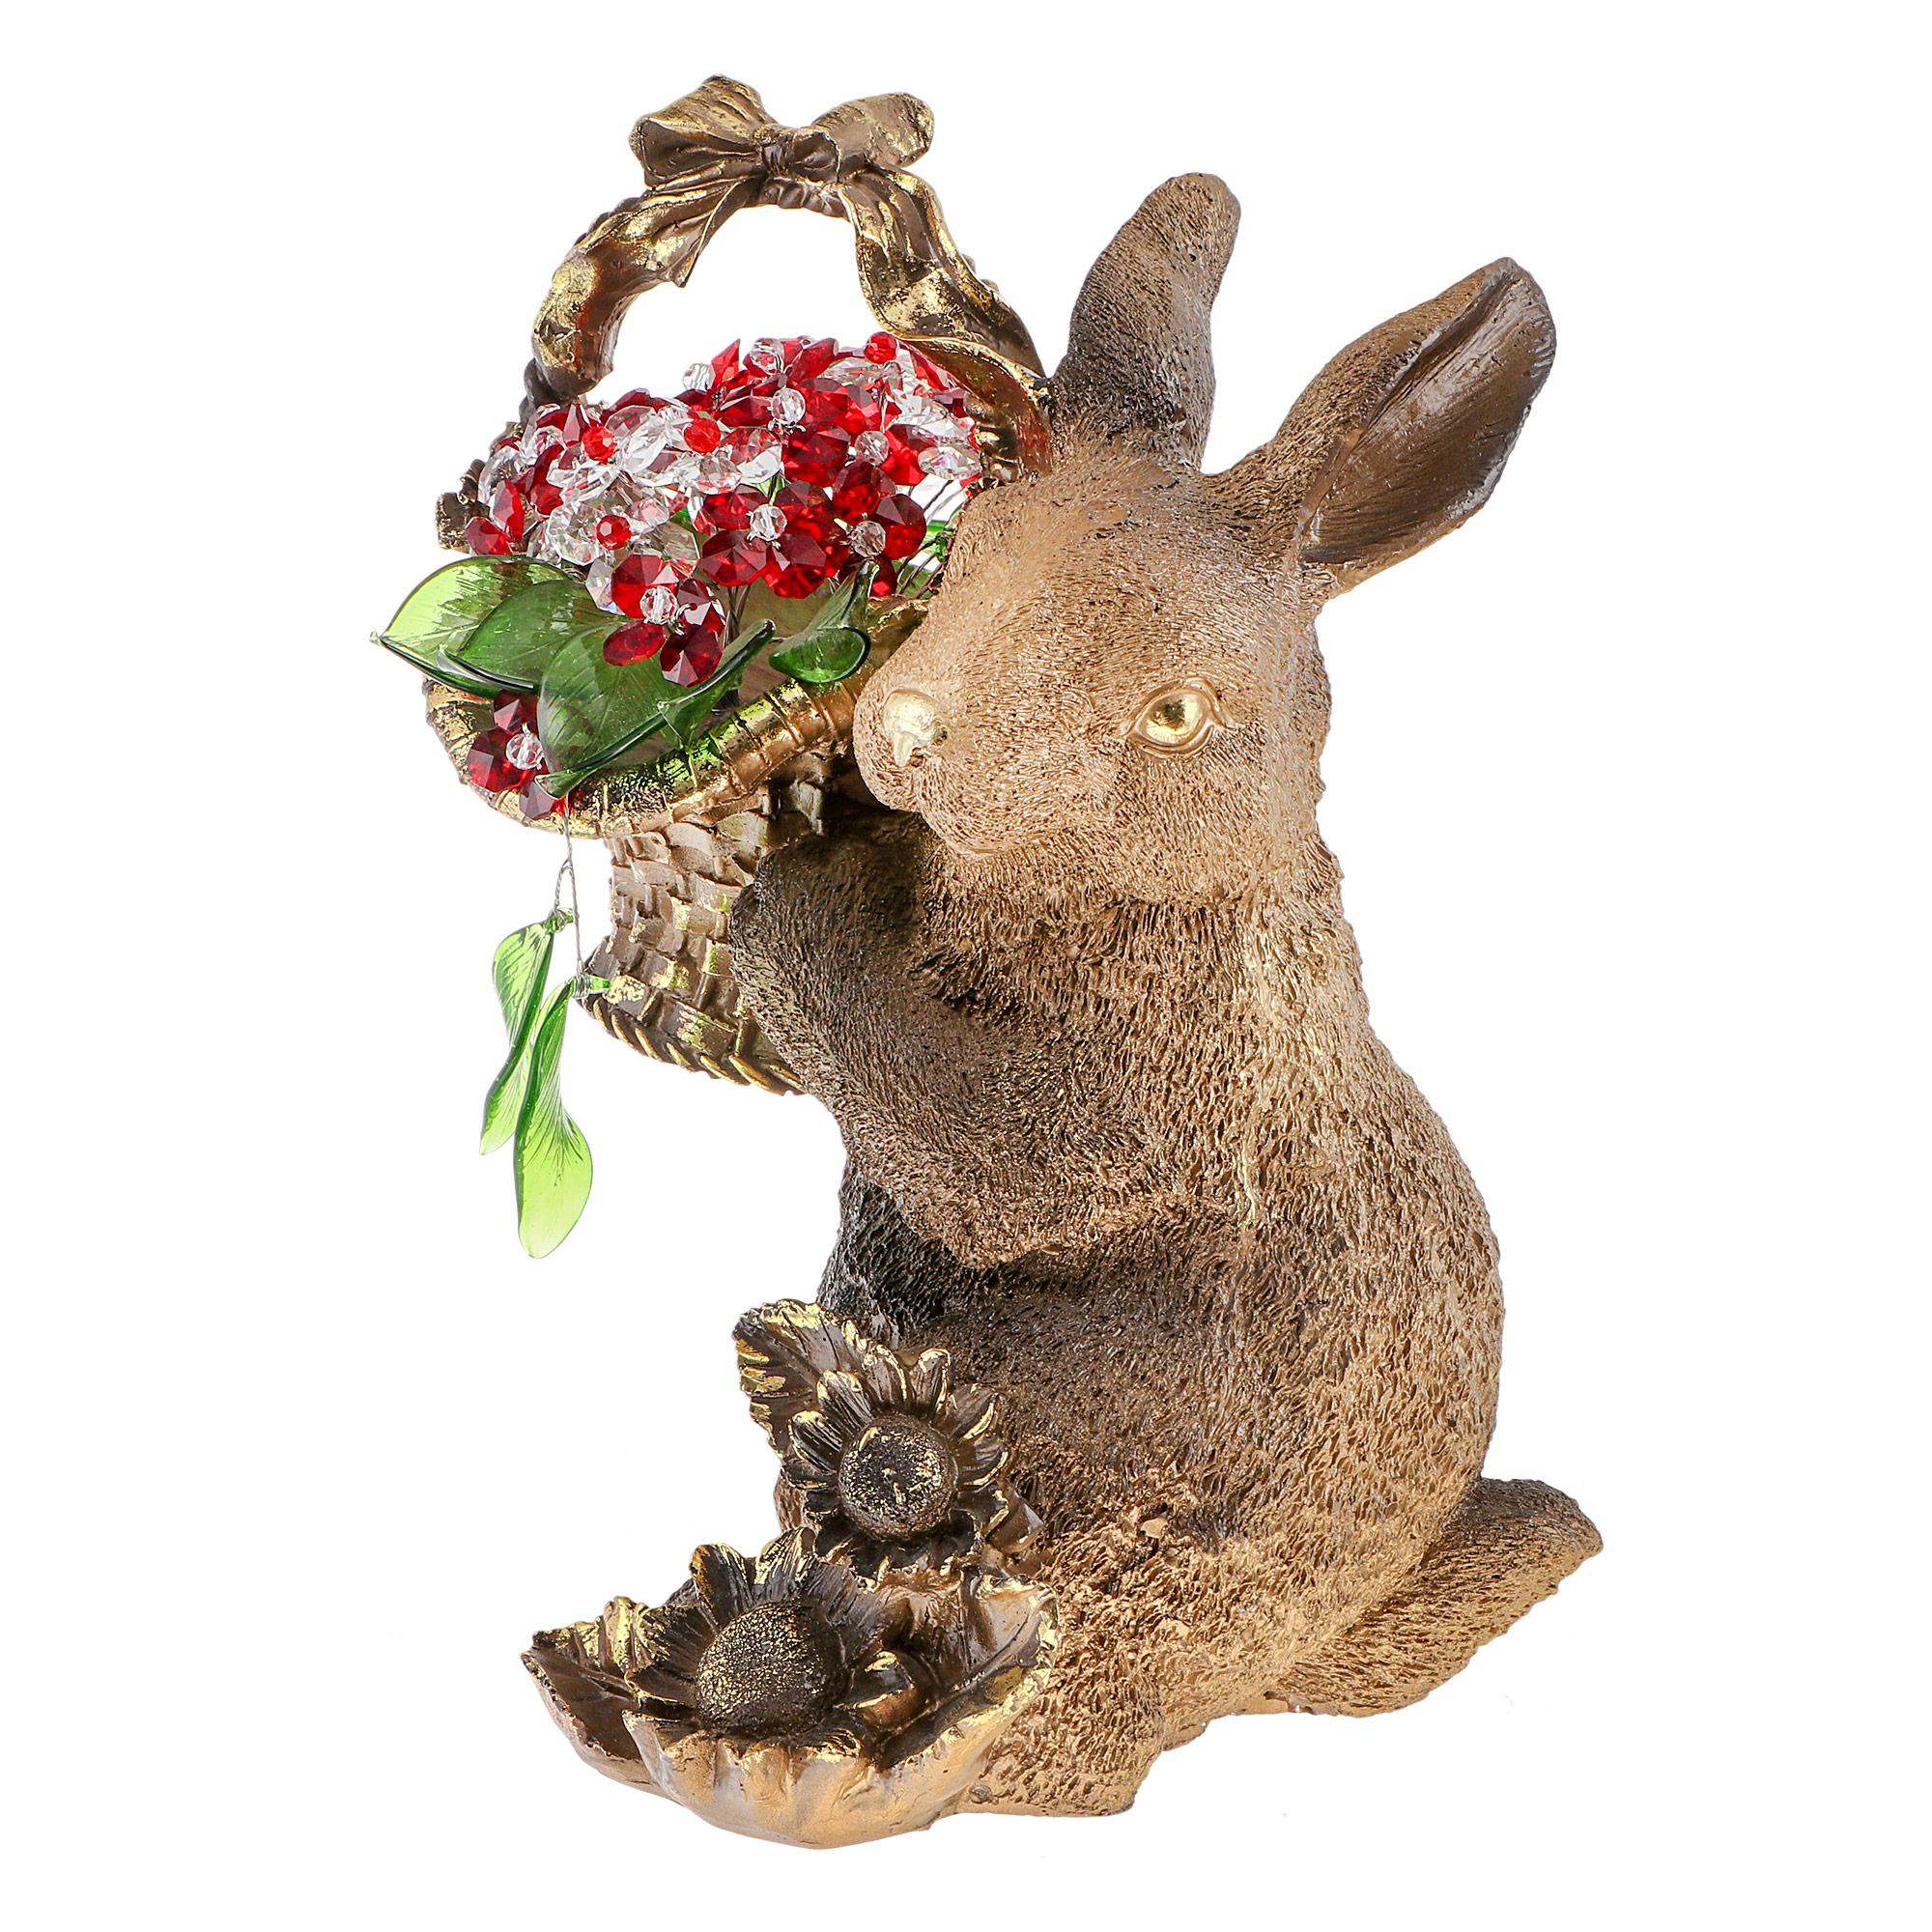 Фигура Decor trade unic кролик с цветами